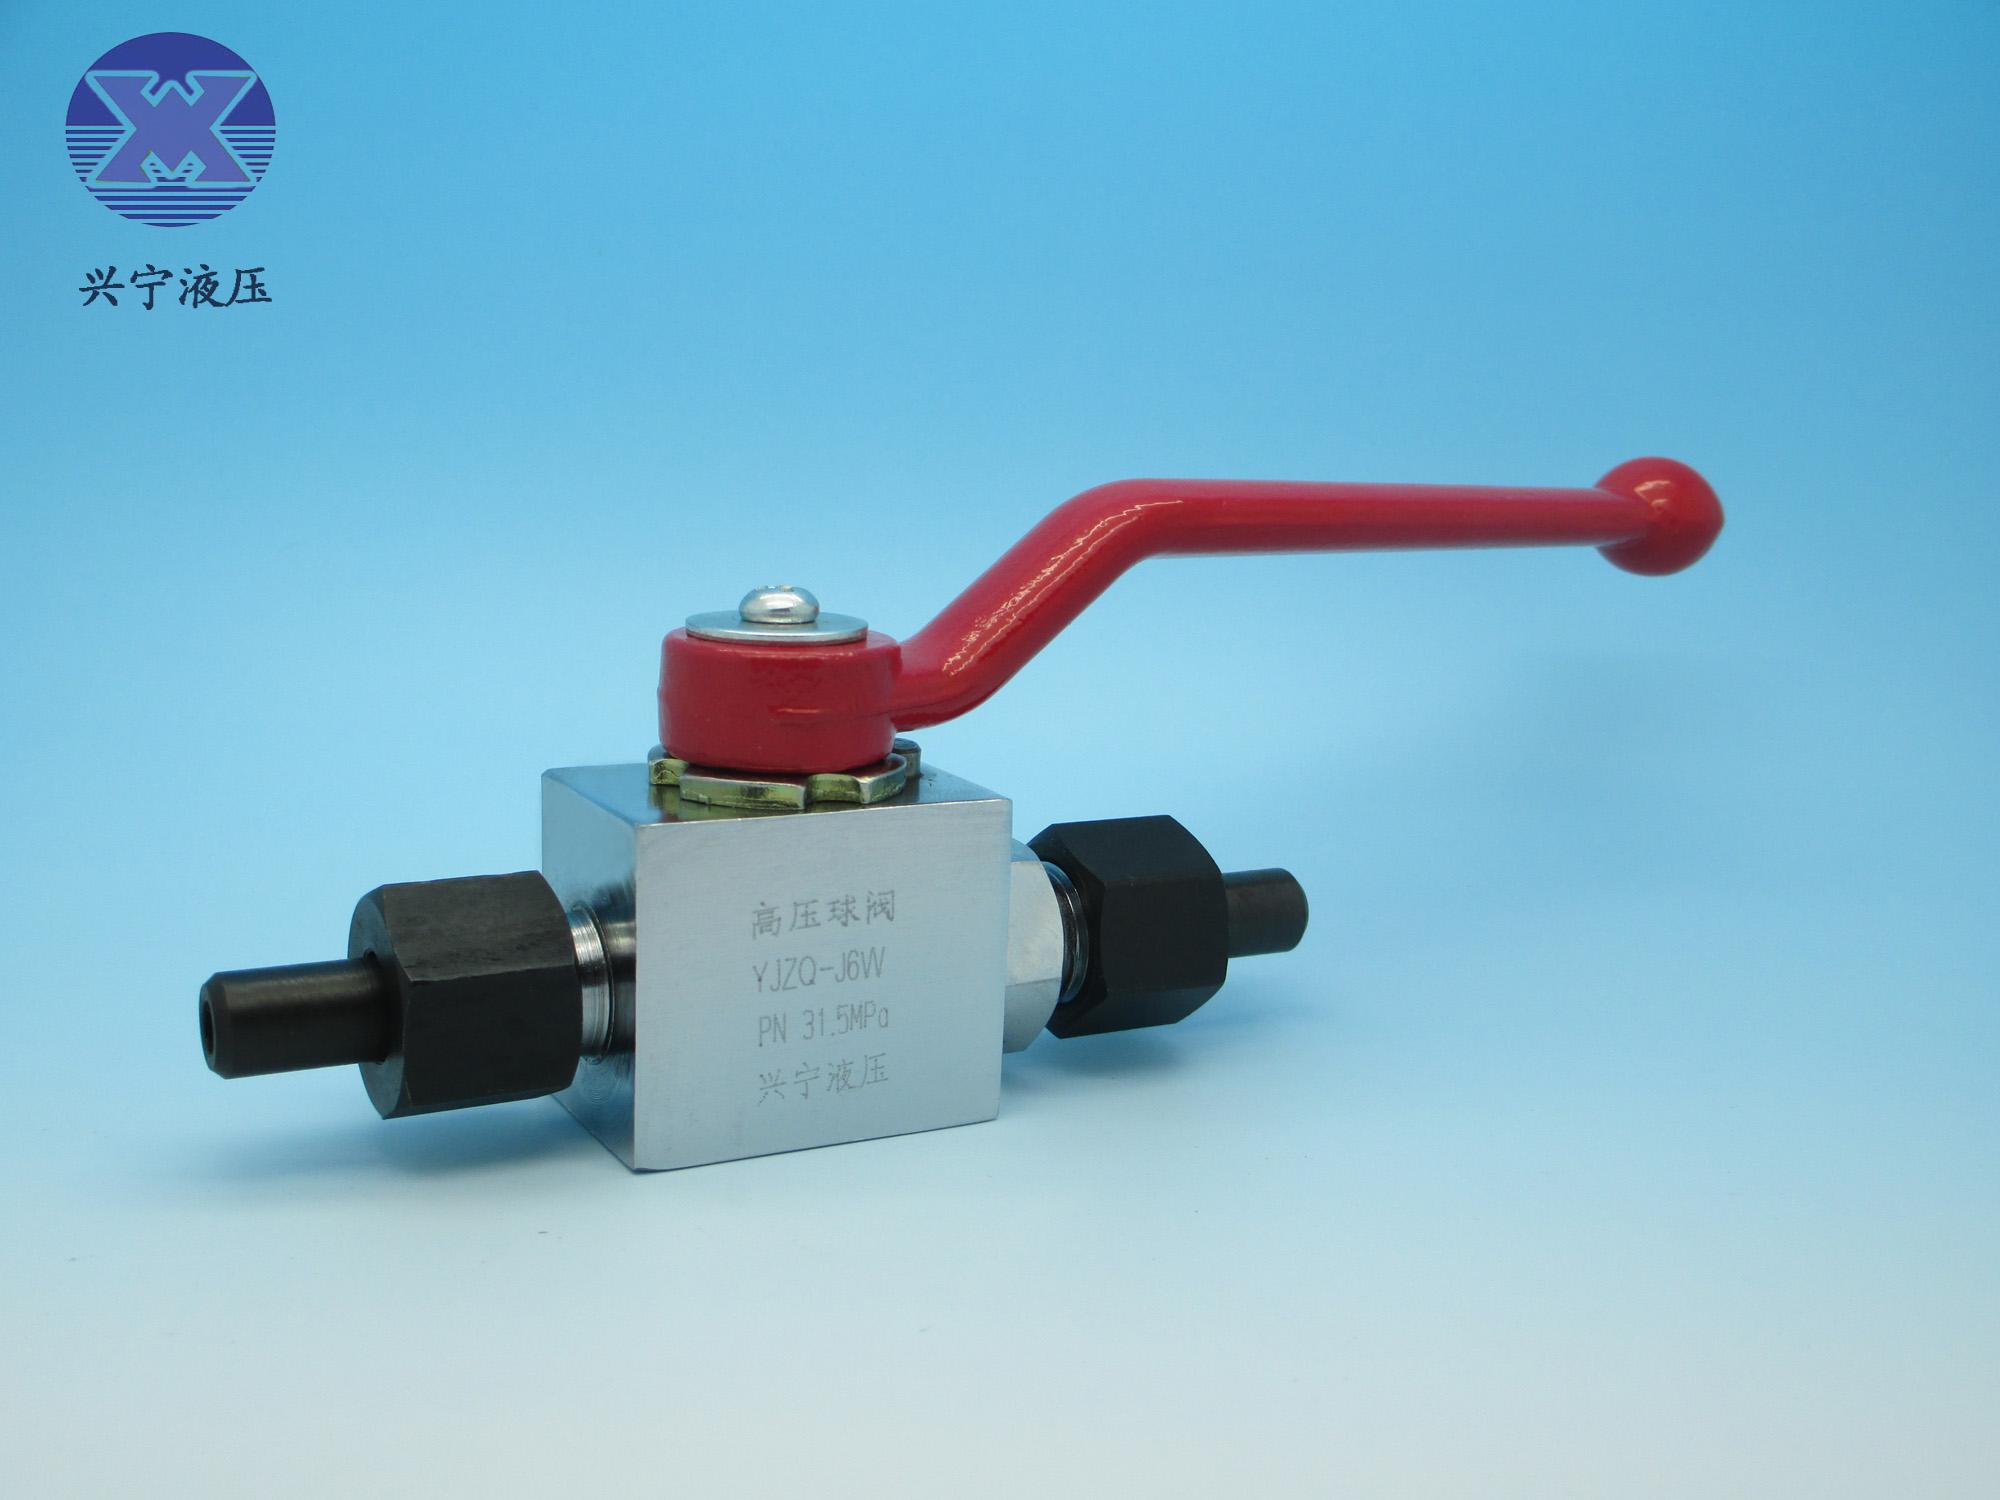 YJZQ型高压液压球阀YJZQ-J6W